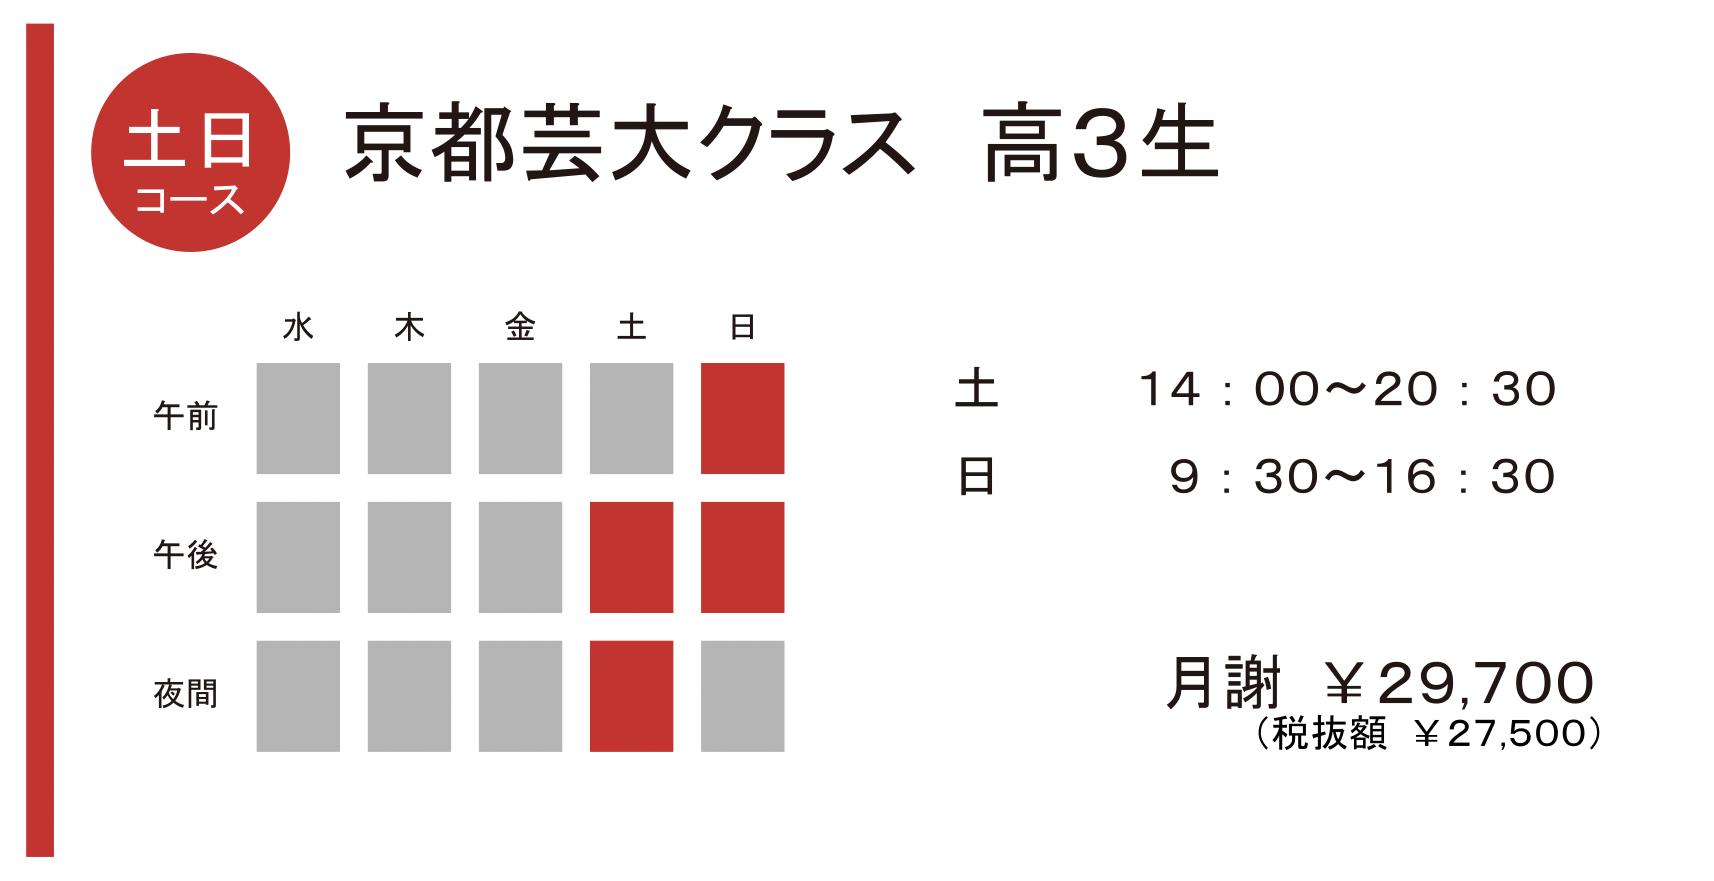 京都芸大クラス 高3生 土日コース